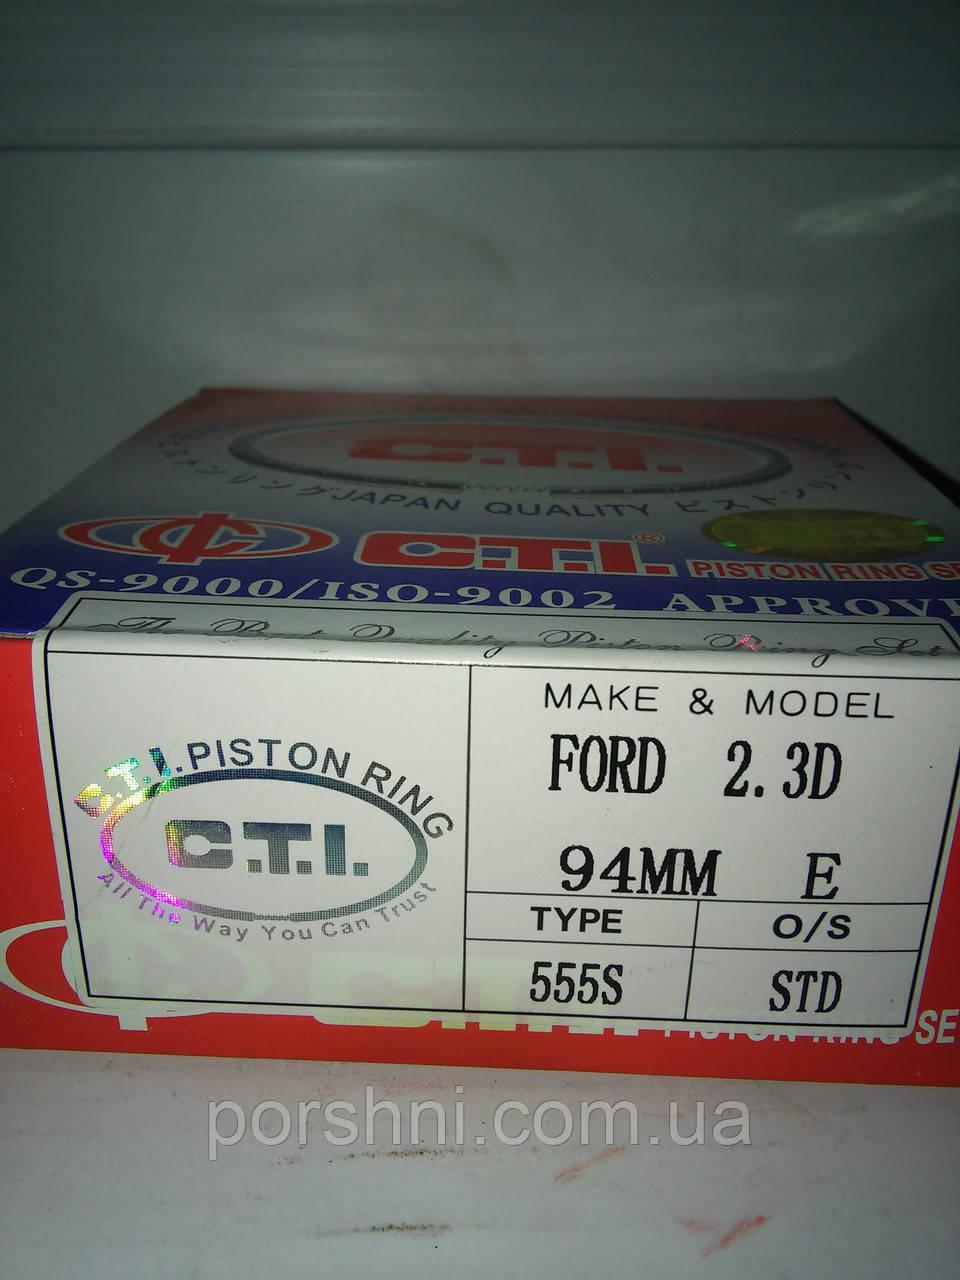 Кольца   94   STD   ( 2 x 2 x 4  )Ford    Sierra  2,3 D.  CTI